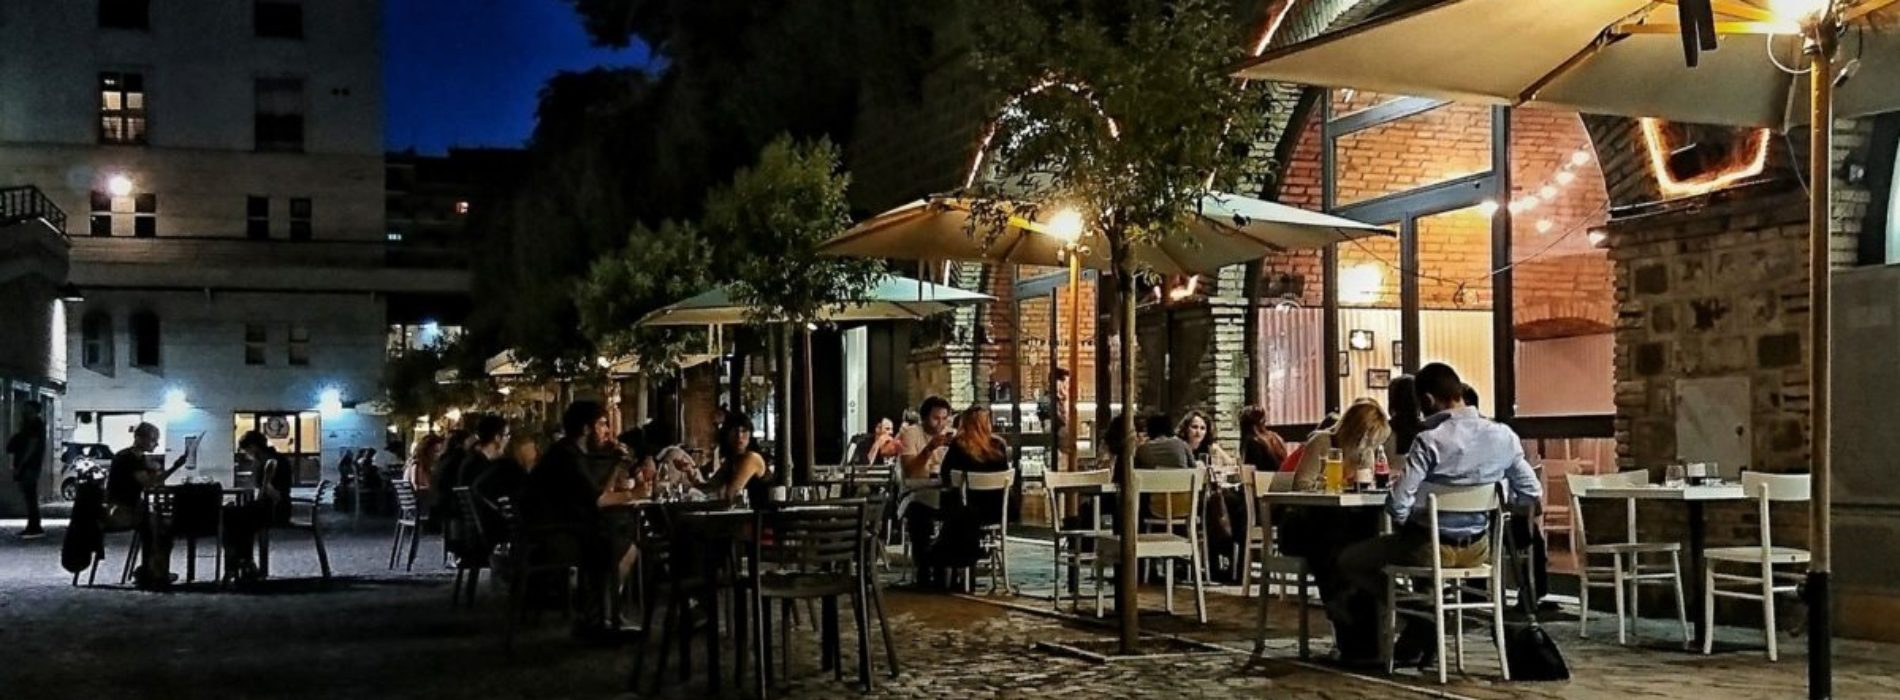 Mangiare allaperto a Roma ristoranti e trattorie con dehors  Puntarella Rossa